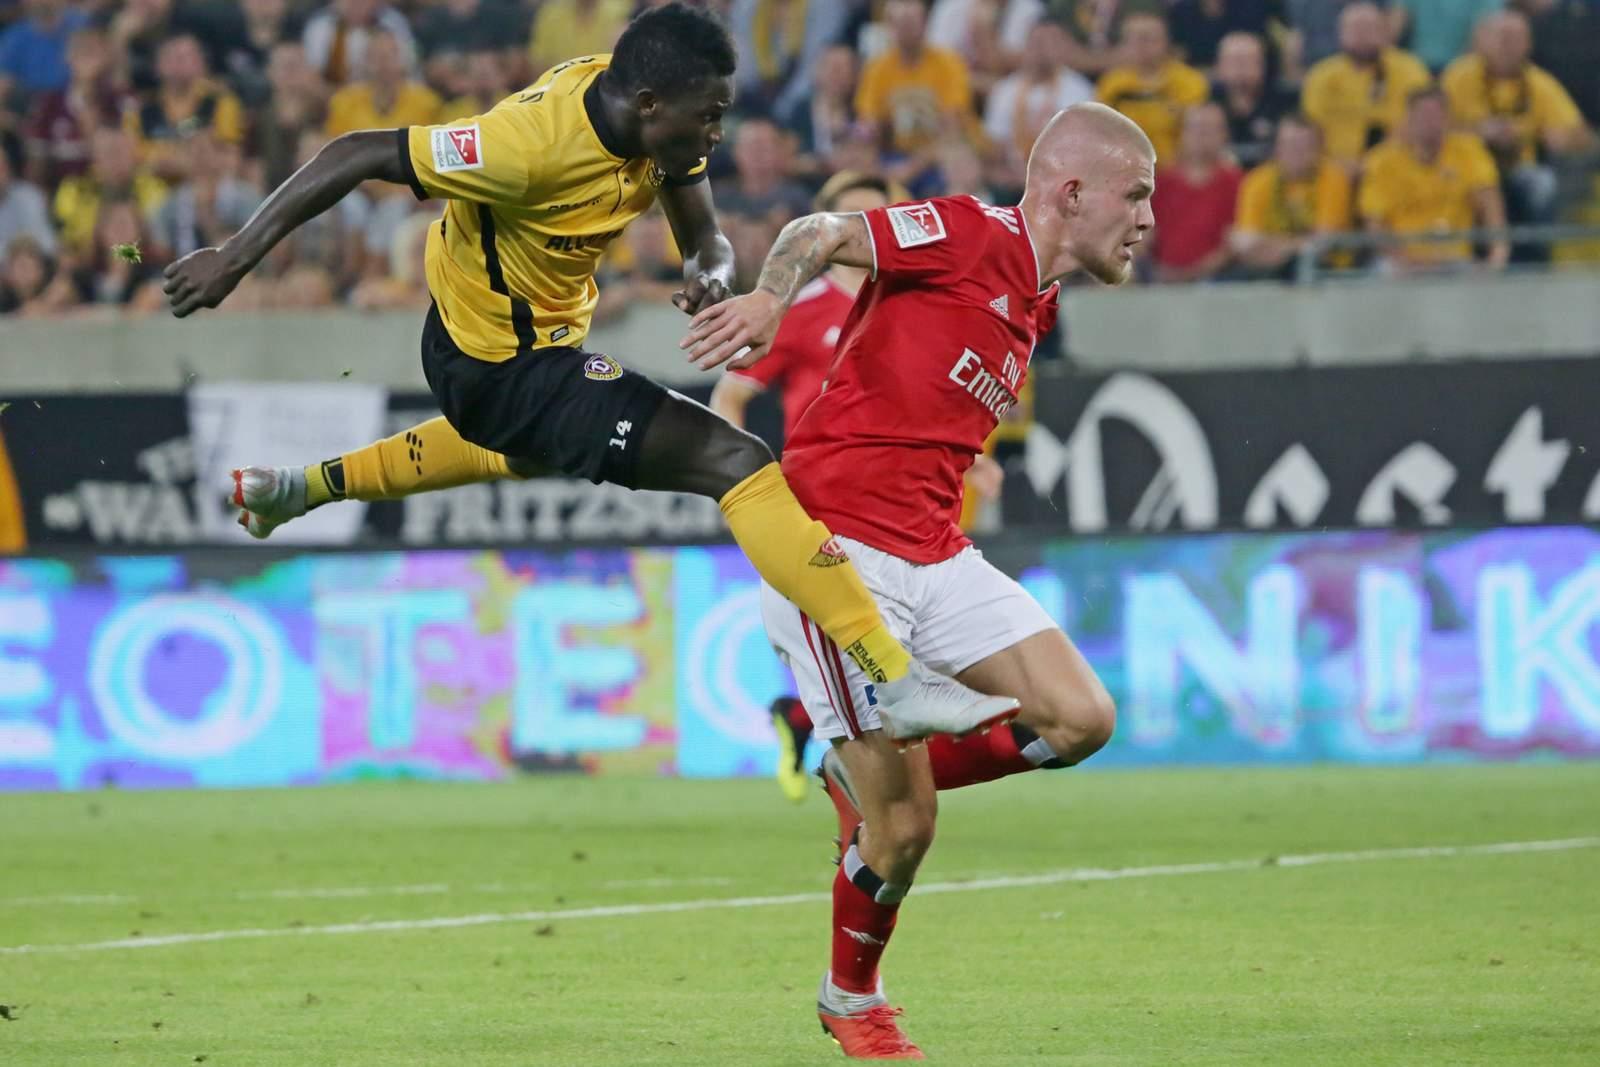 Hsv Vs Dynamo Dresden Tipp Quoten Prognose 2019 Liga Zwei De